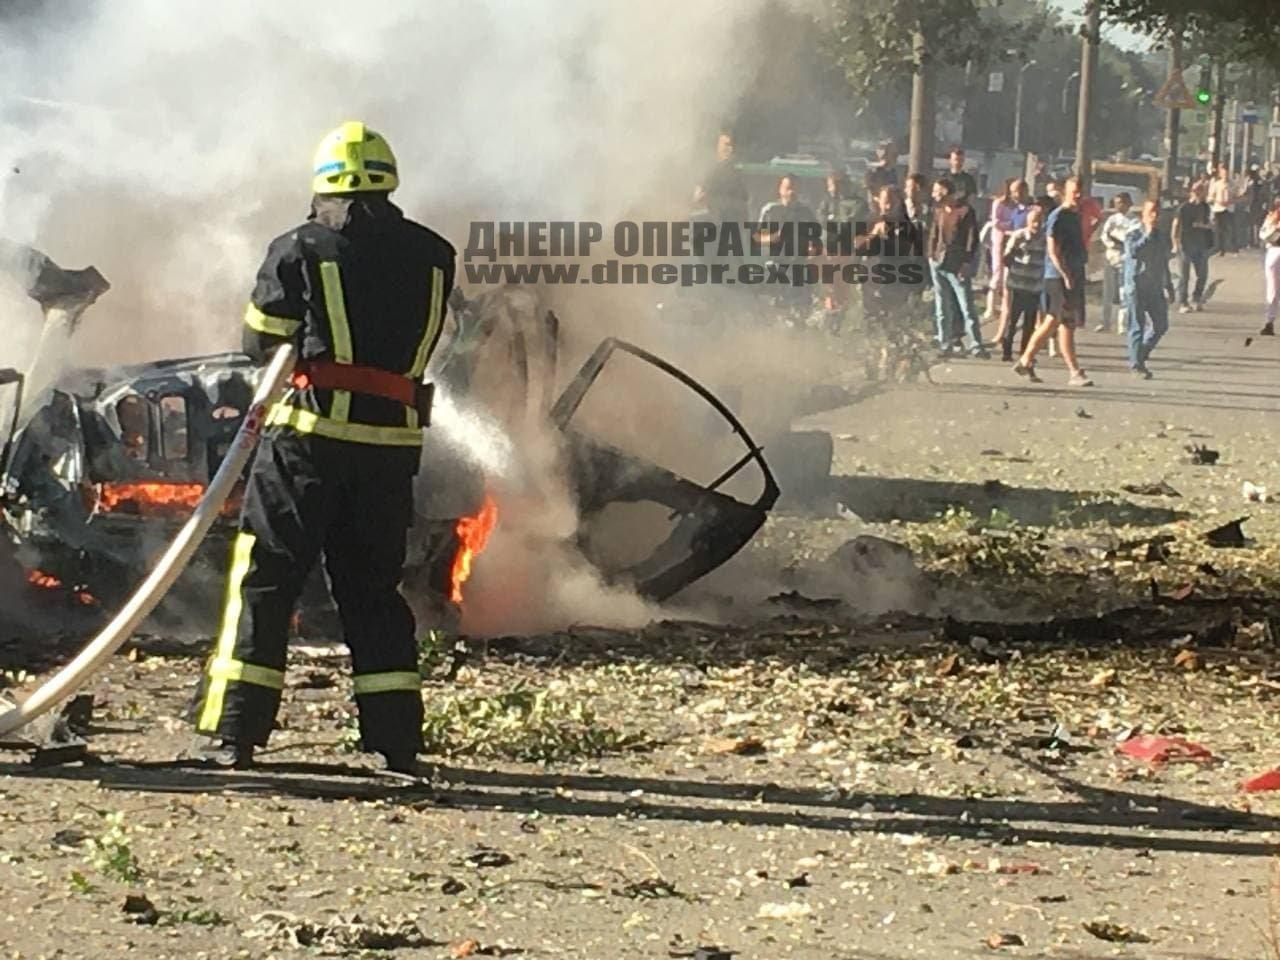 В Днепре от взрыва автомобиль разорвало на части, погибли 2 человека, - ФОТО, фото-2